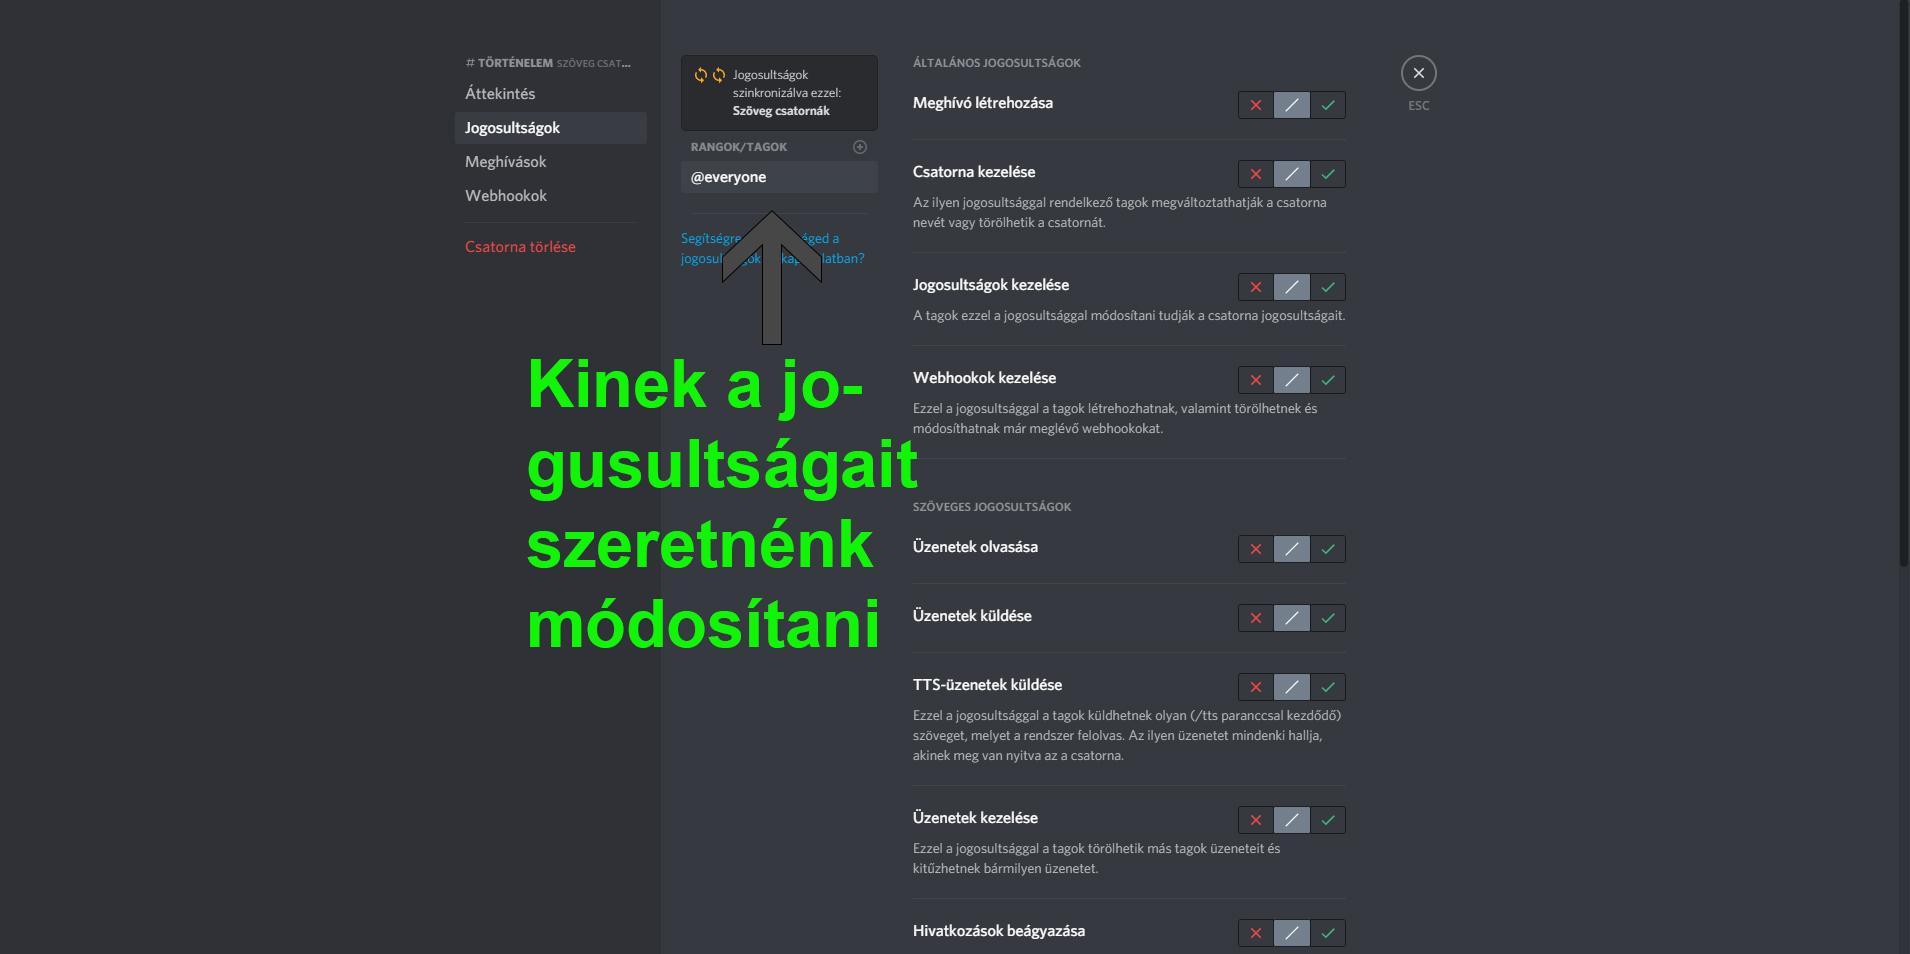 magyar társkereső discord